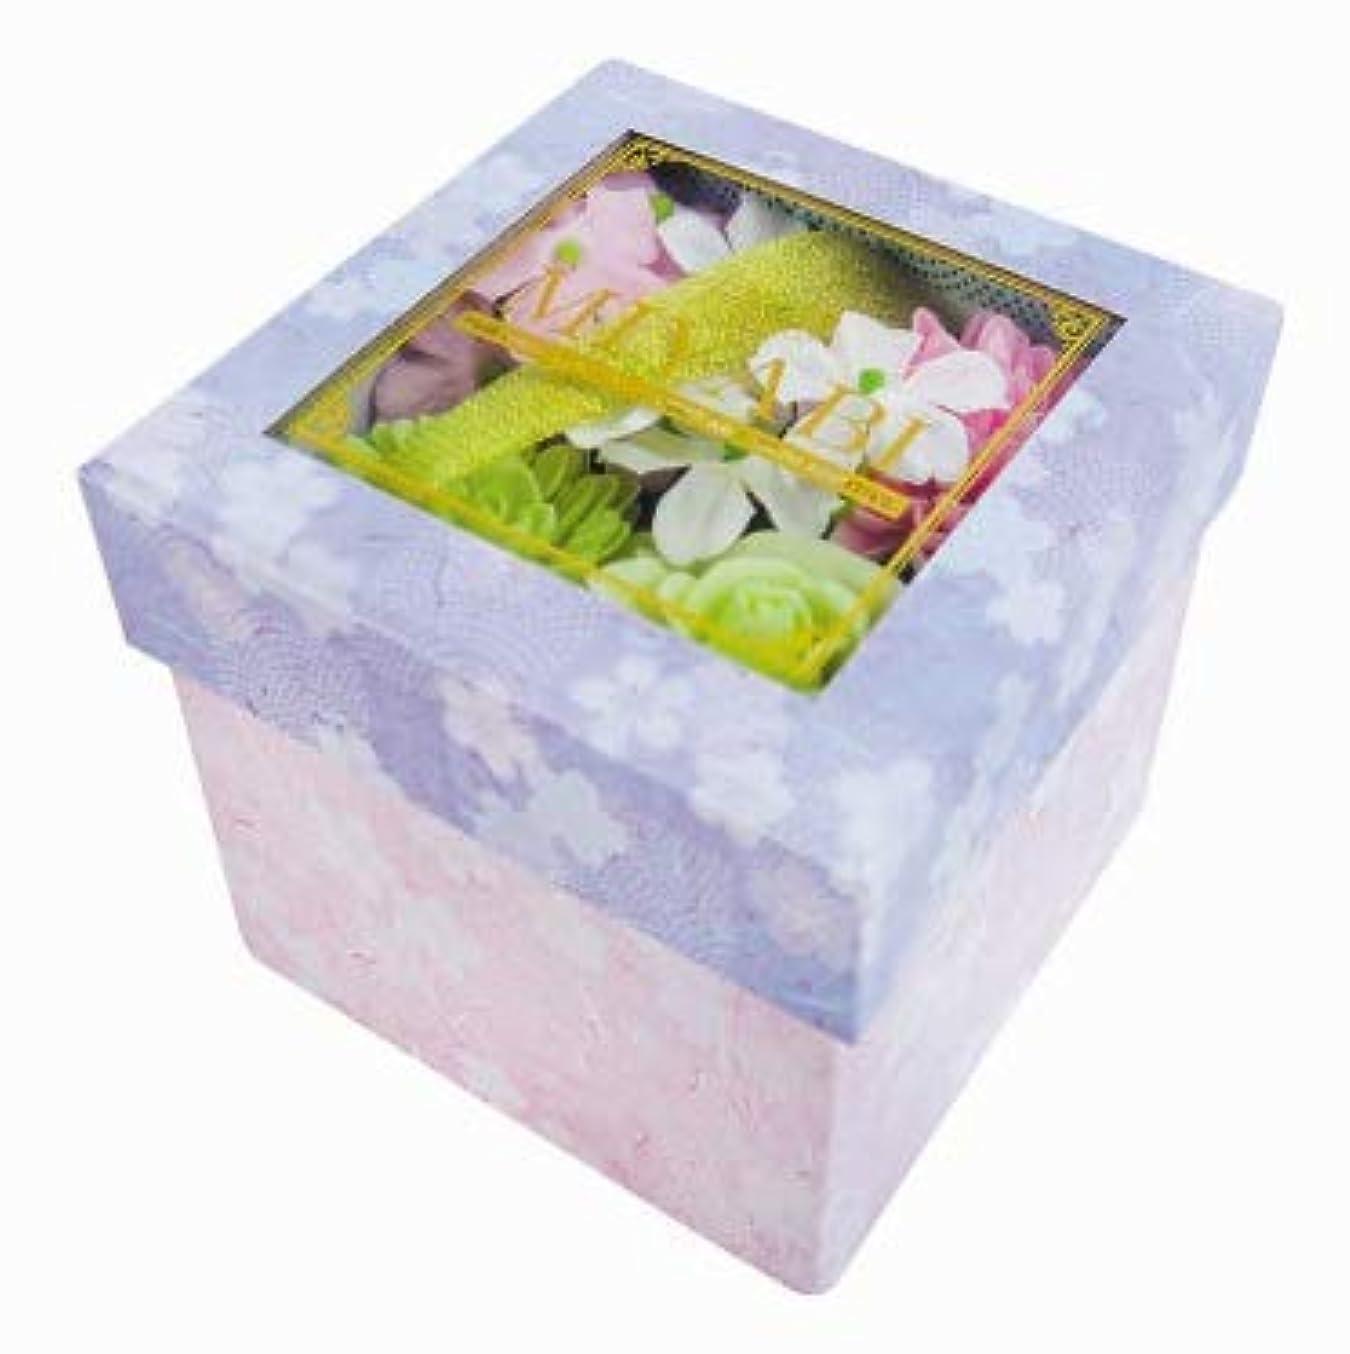 思い出させるルーキー喉頭花のカタチの入浴剤 和バスフレBOX-MIYABI-M桜 775574